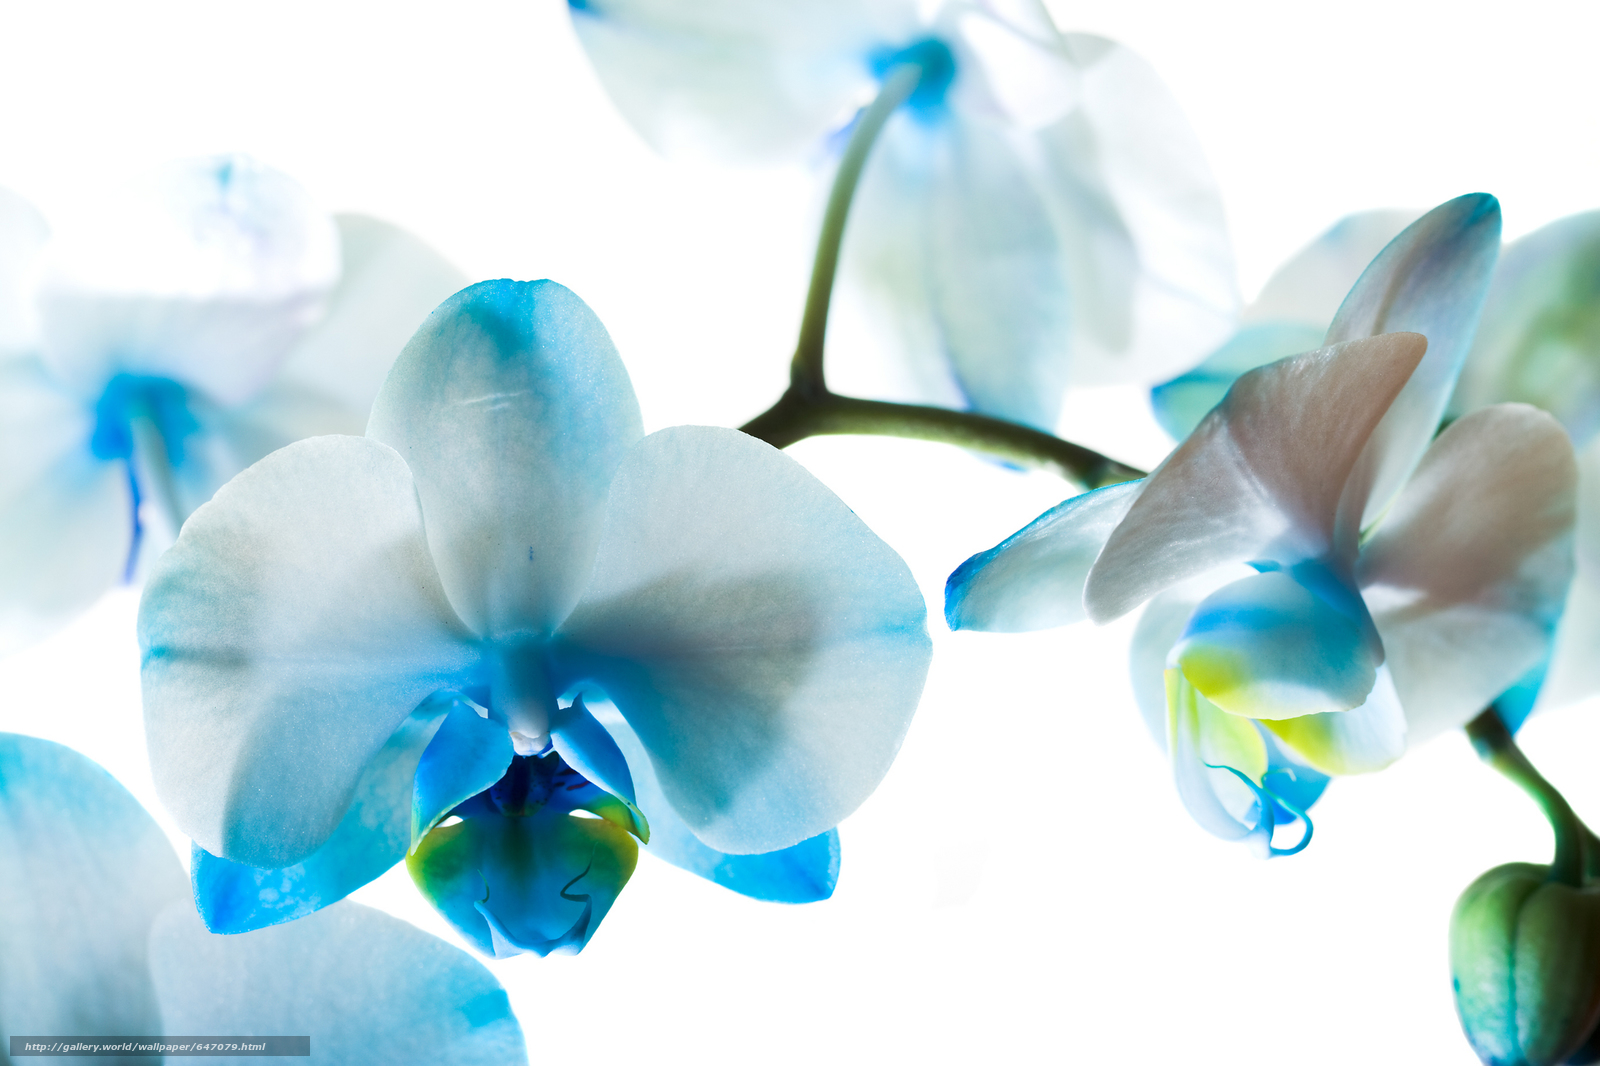 Скачать обои орхидея,  цветок,  макро бесплатно для рабочего стола в разрешении 5500x3666 — картинка №647079